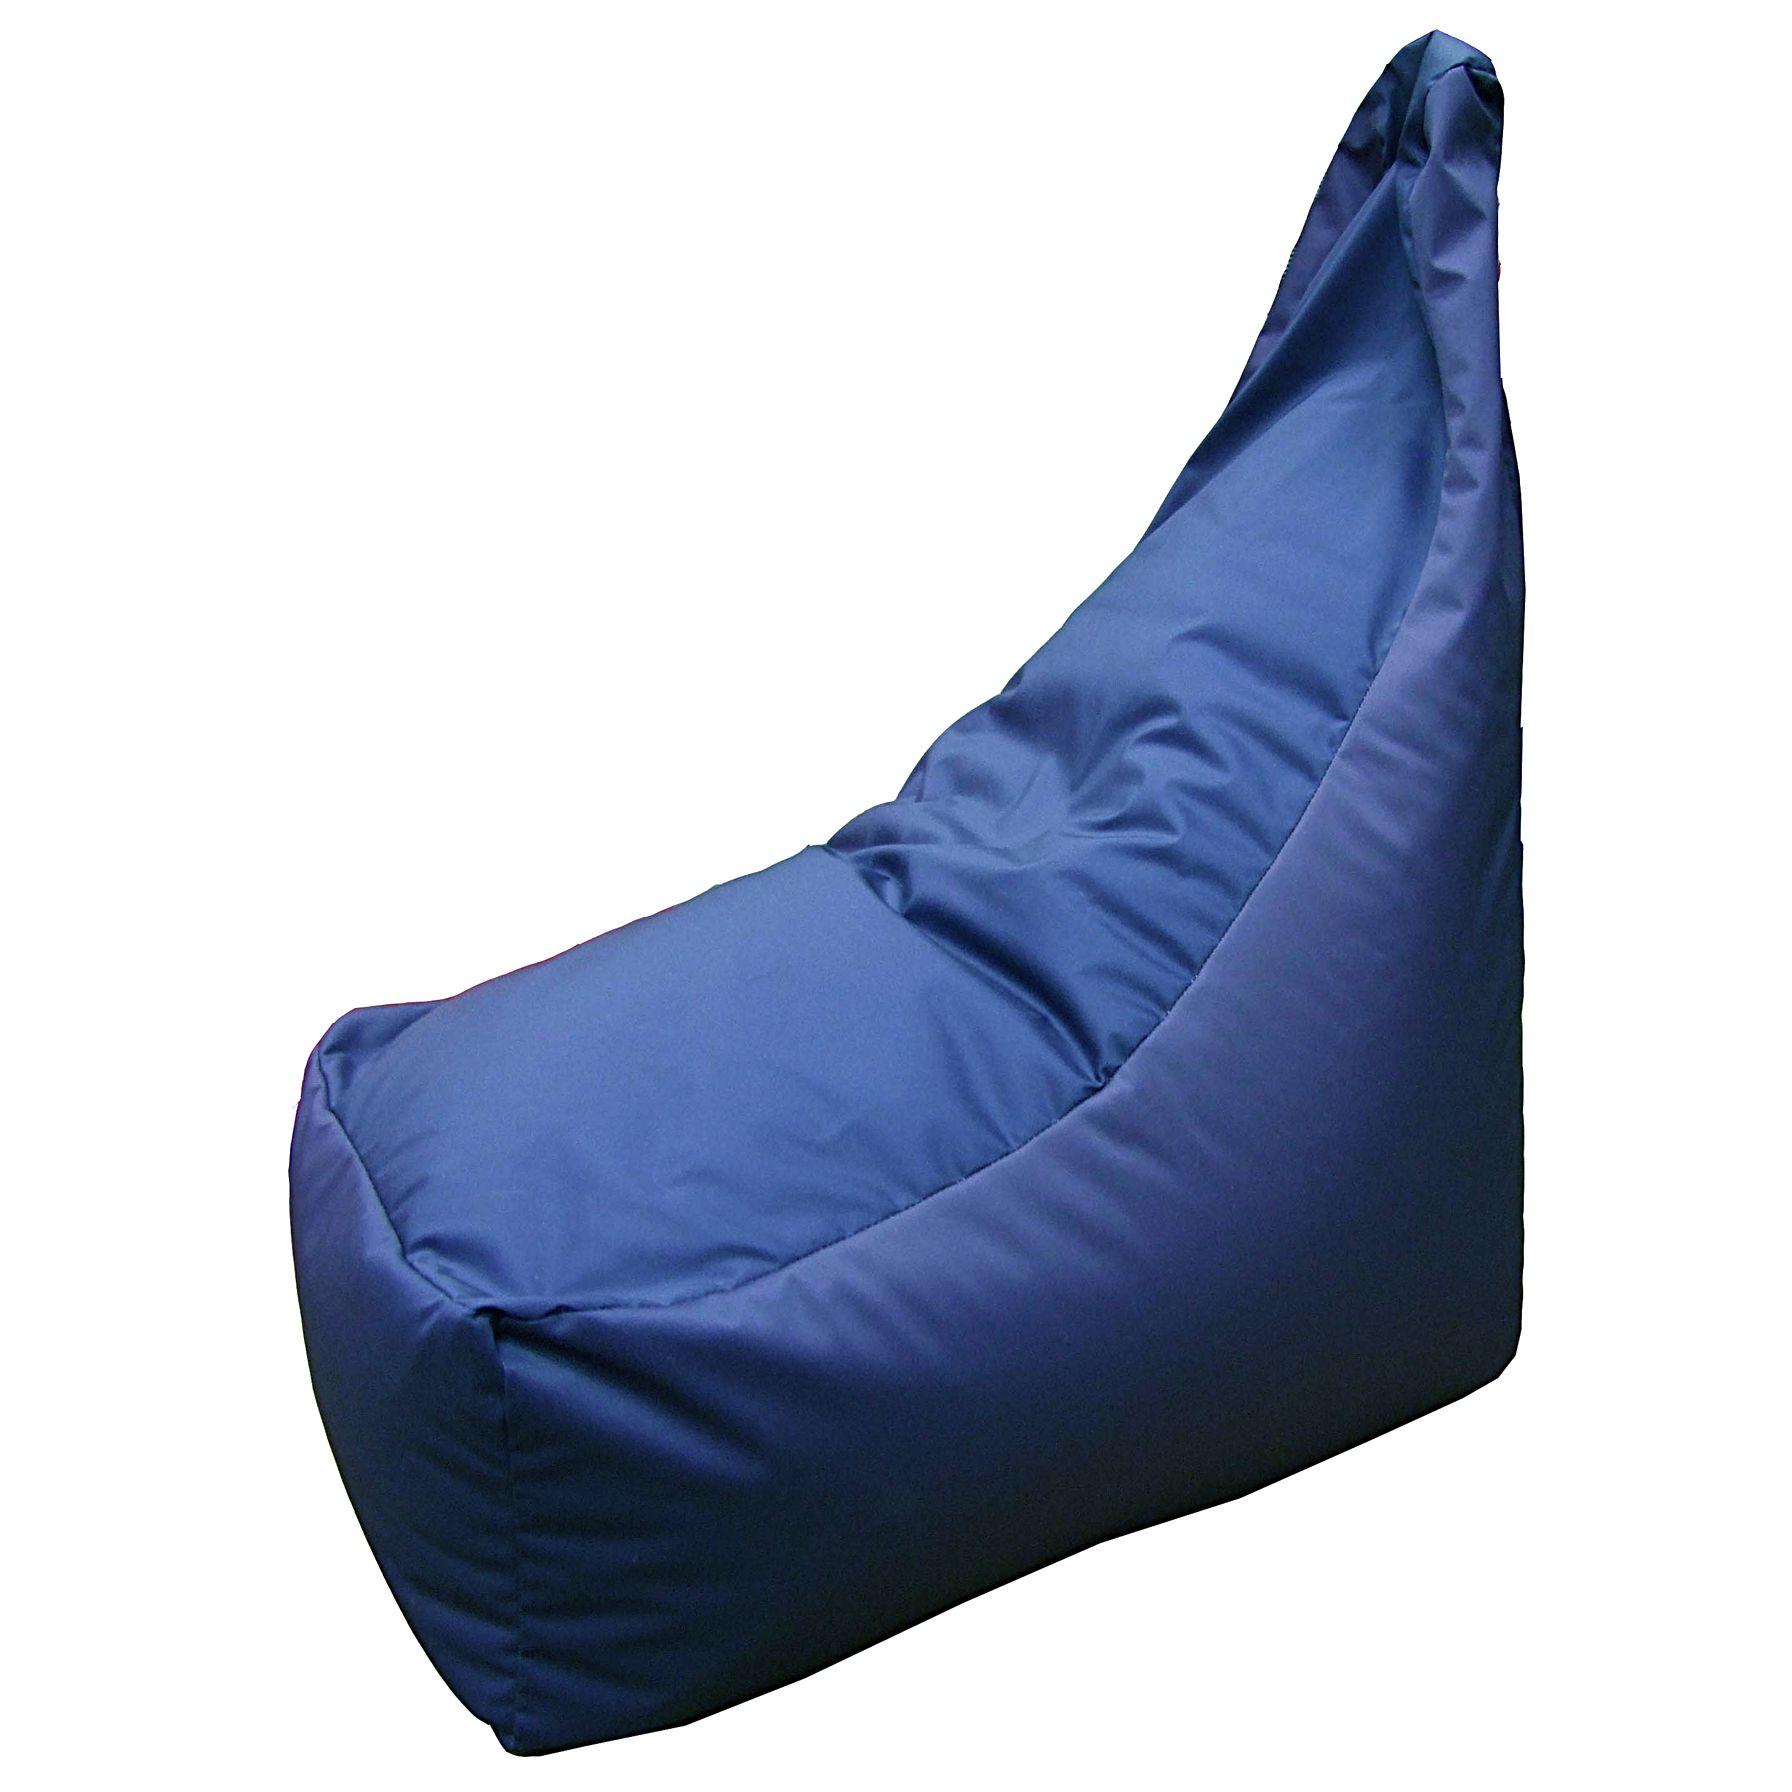 John Lewis Slouch Cushion, Lapis